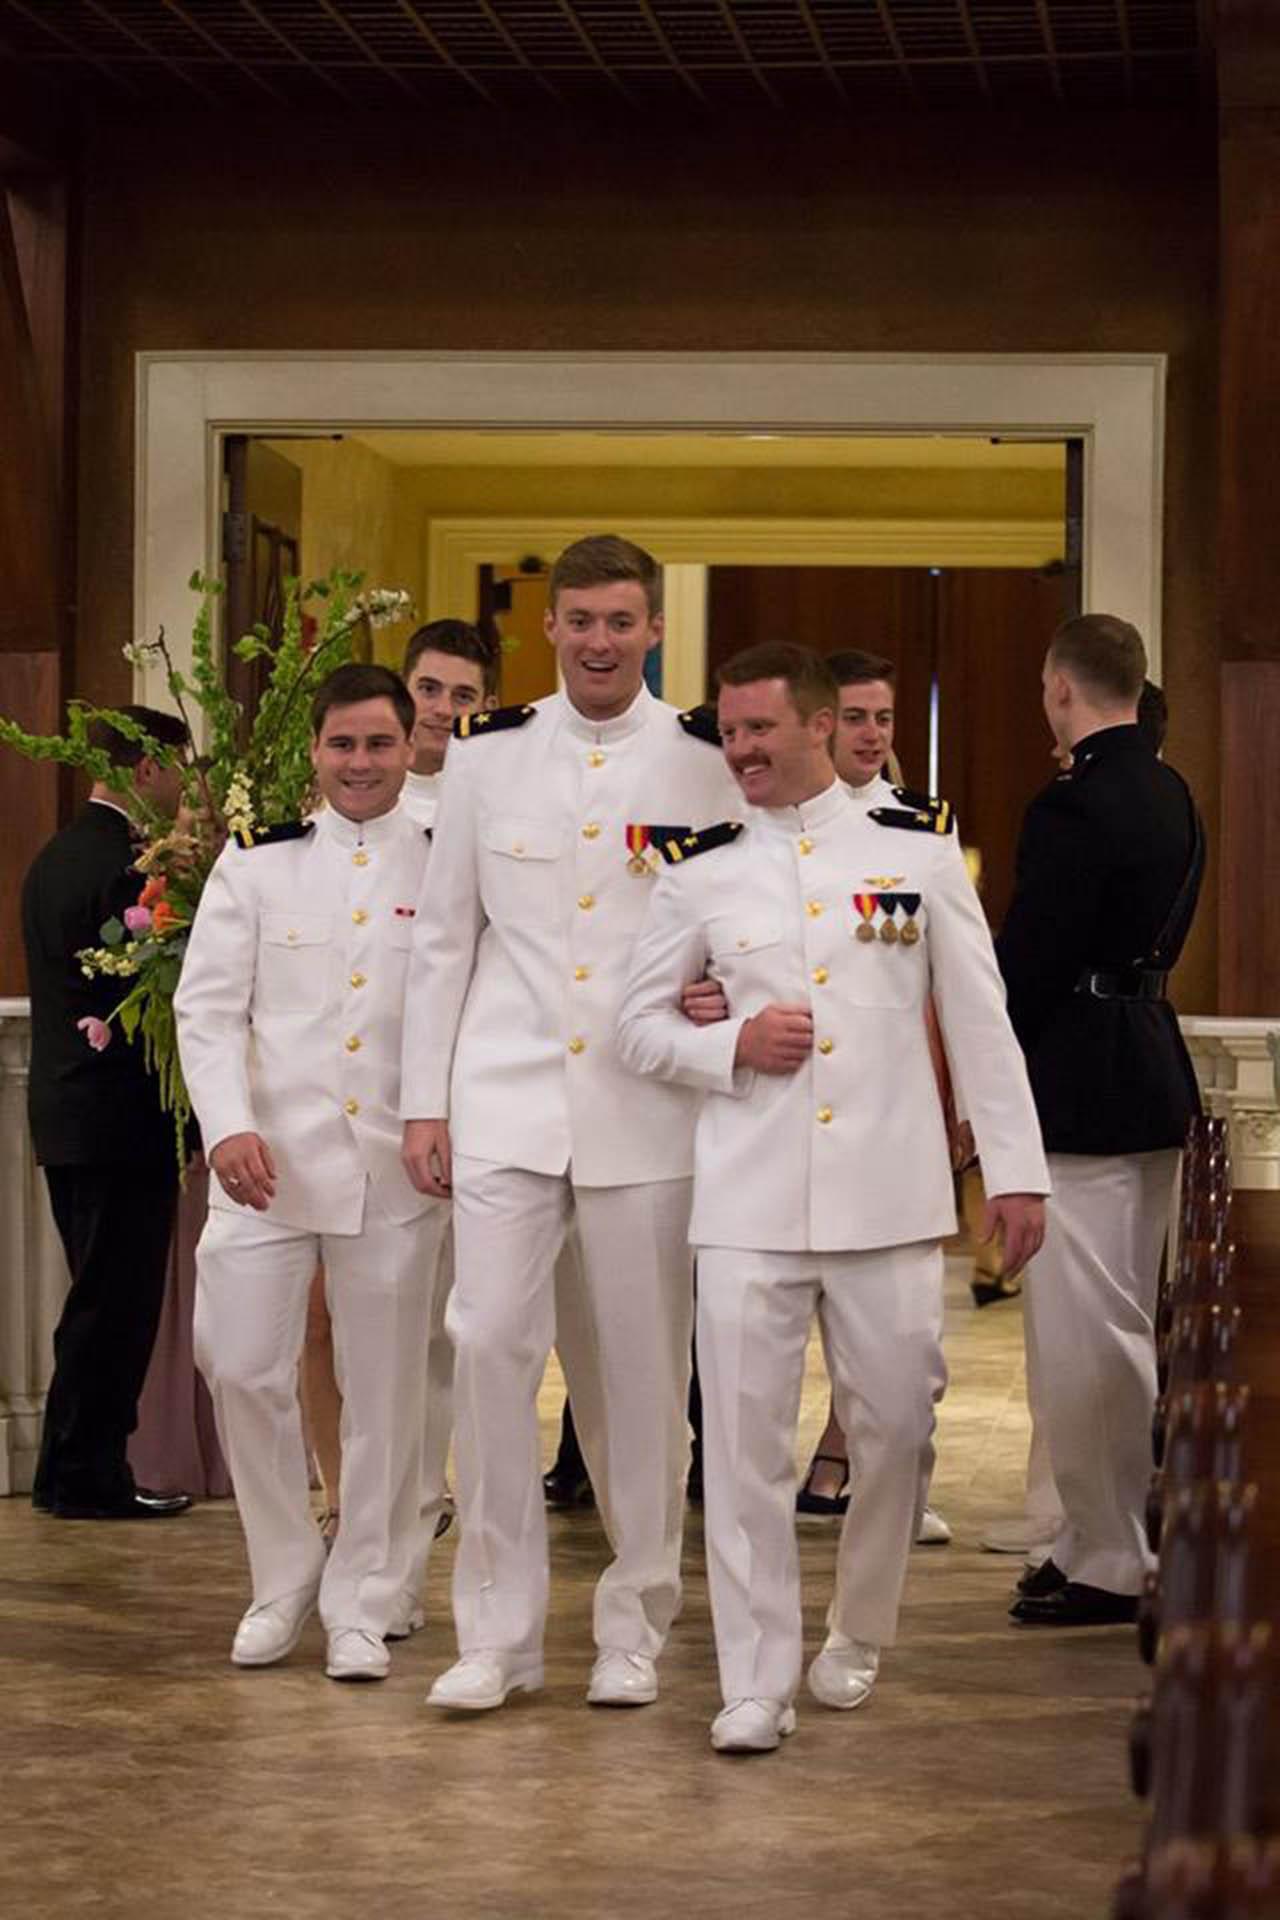 Evan and his groomsmen